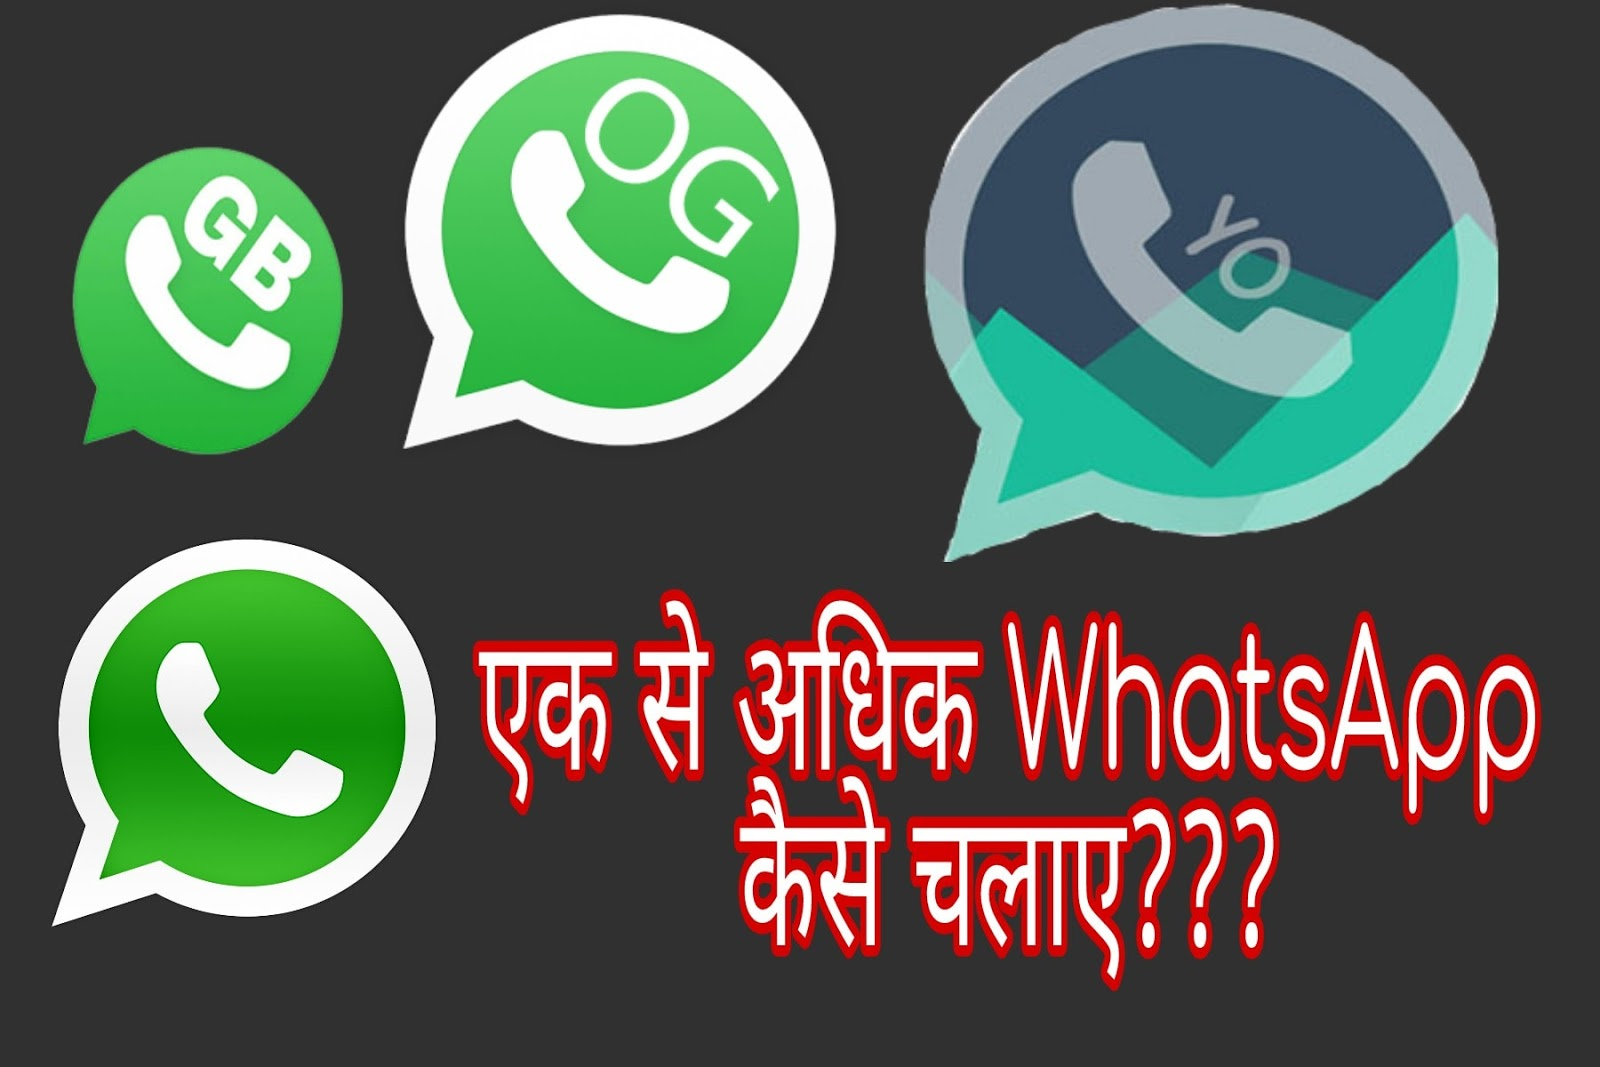 Ek Phone Mai 5 Whatsapp Chalana Hua Bilkul Asan Woh Bhi Virtual(fake